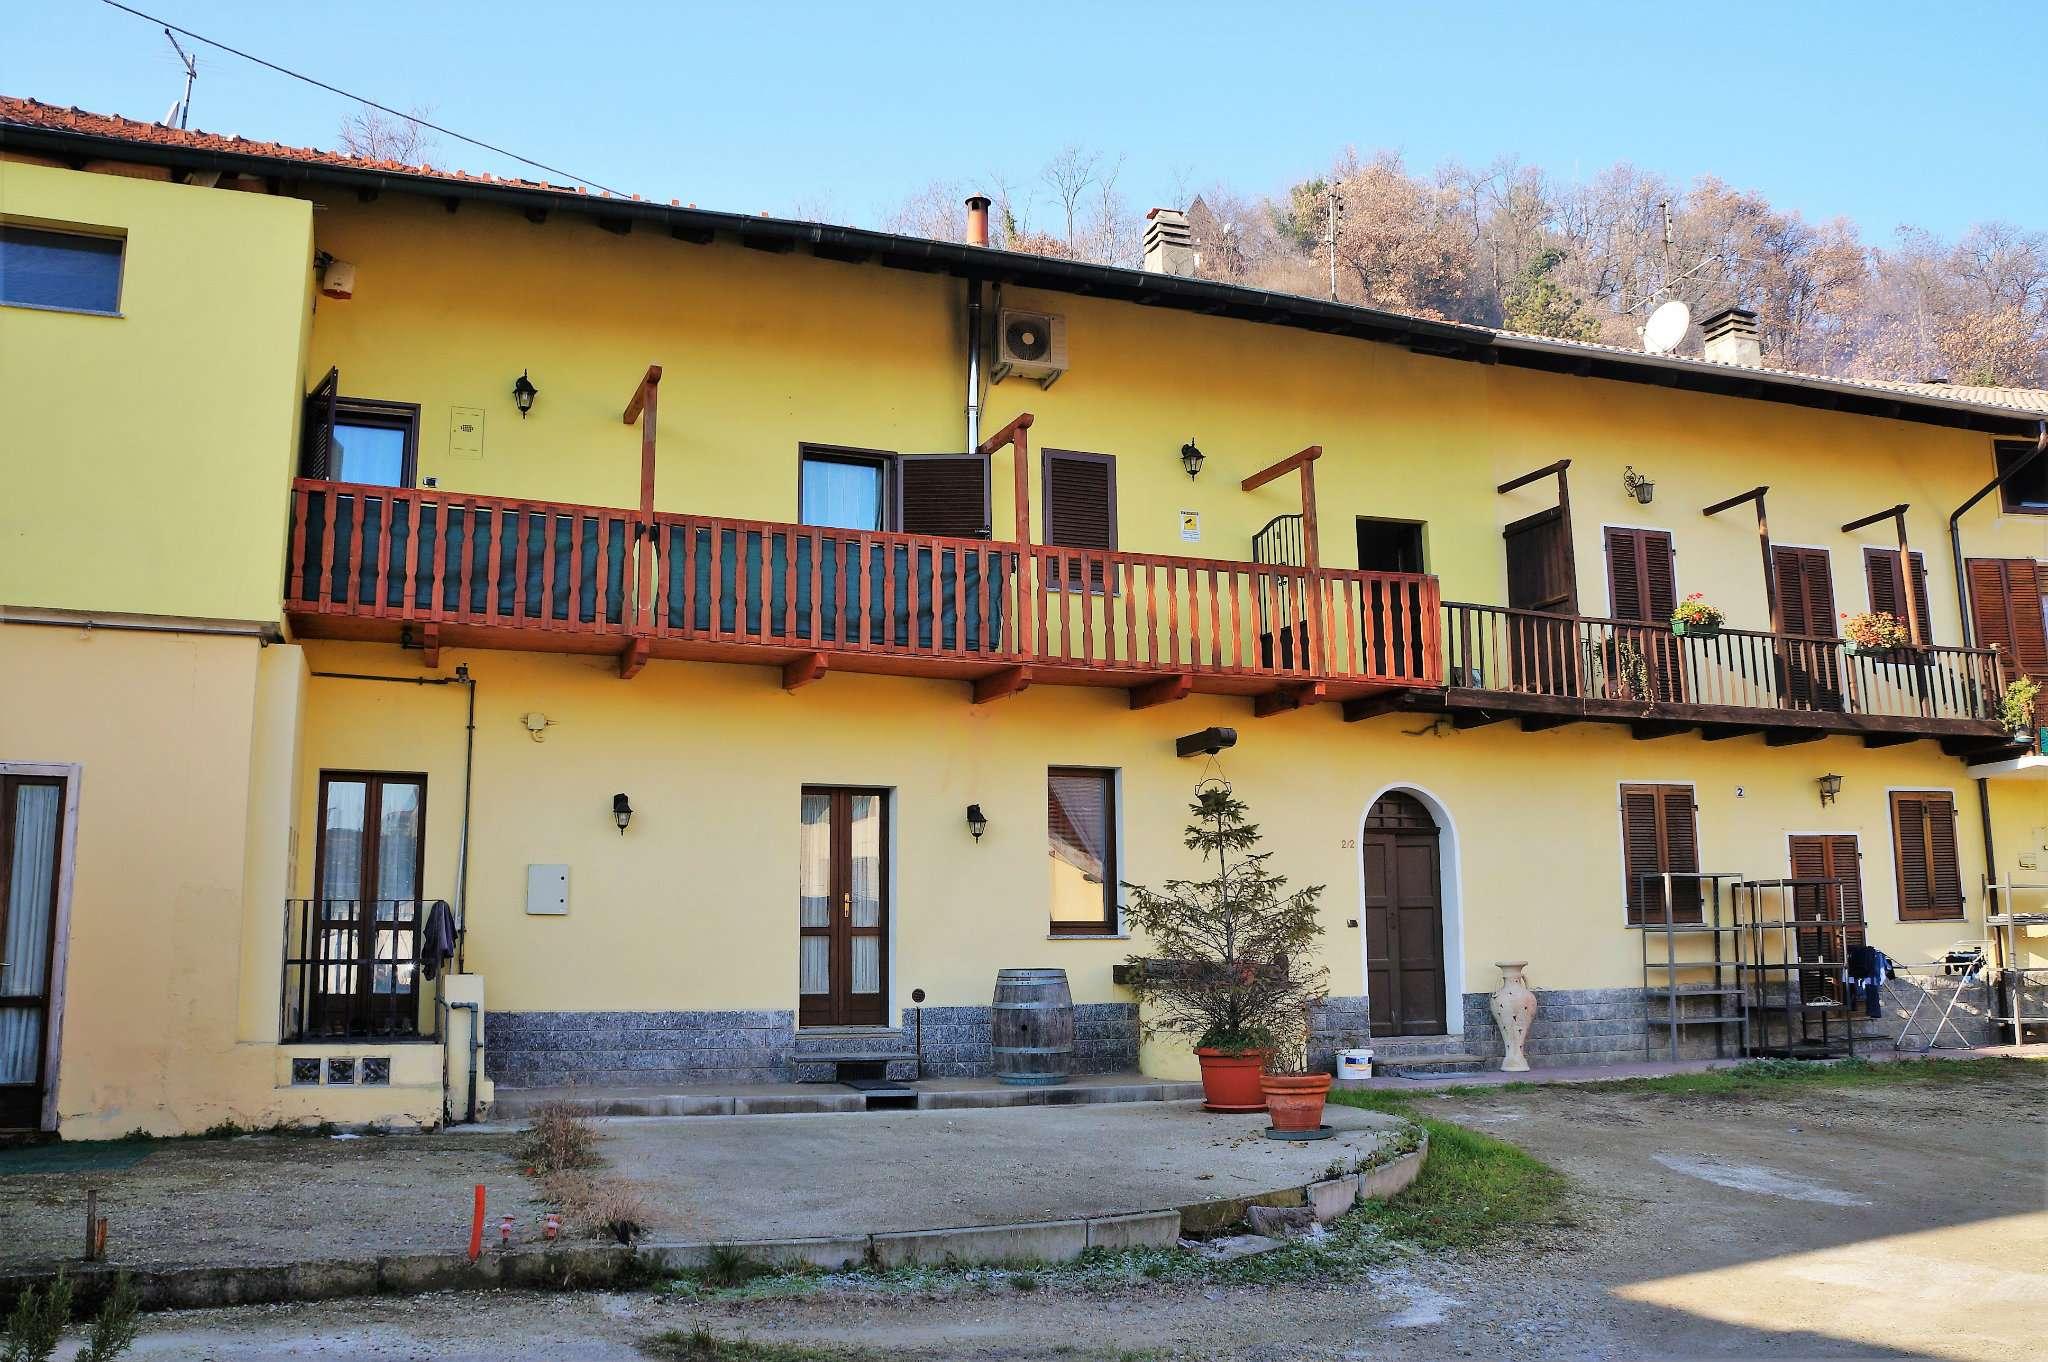 Soluzione Semindipendente in vendita a Trana, 3 locali, prezzo € 95.000 | CambioCasa.it